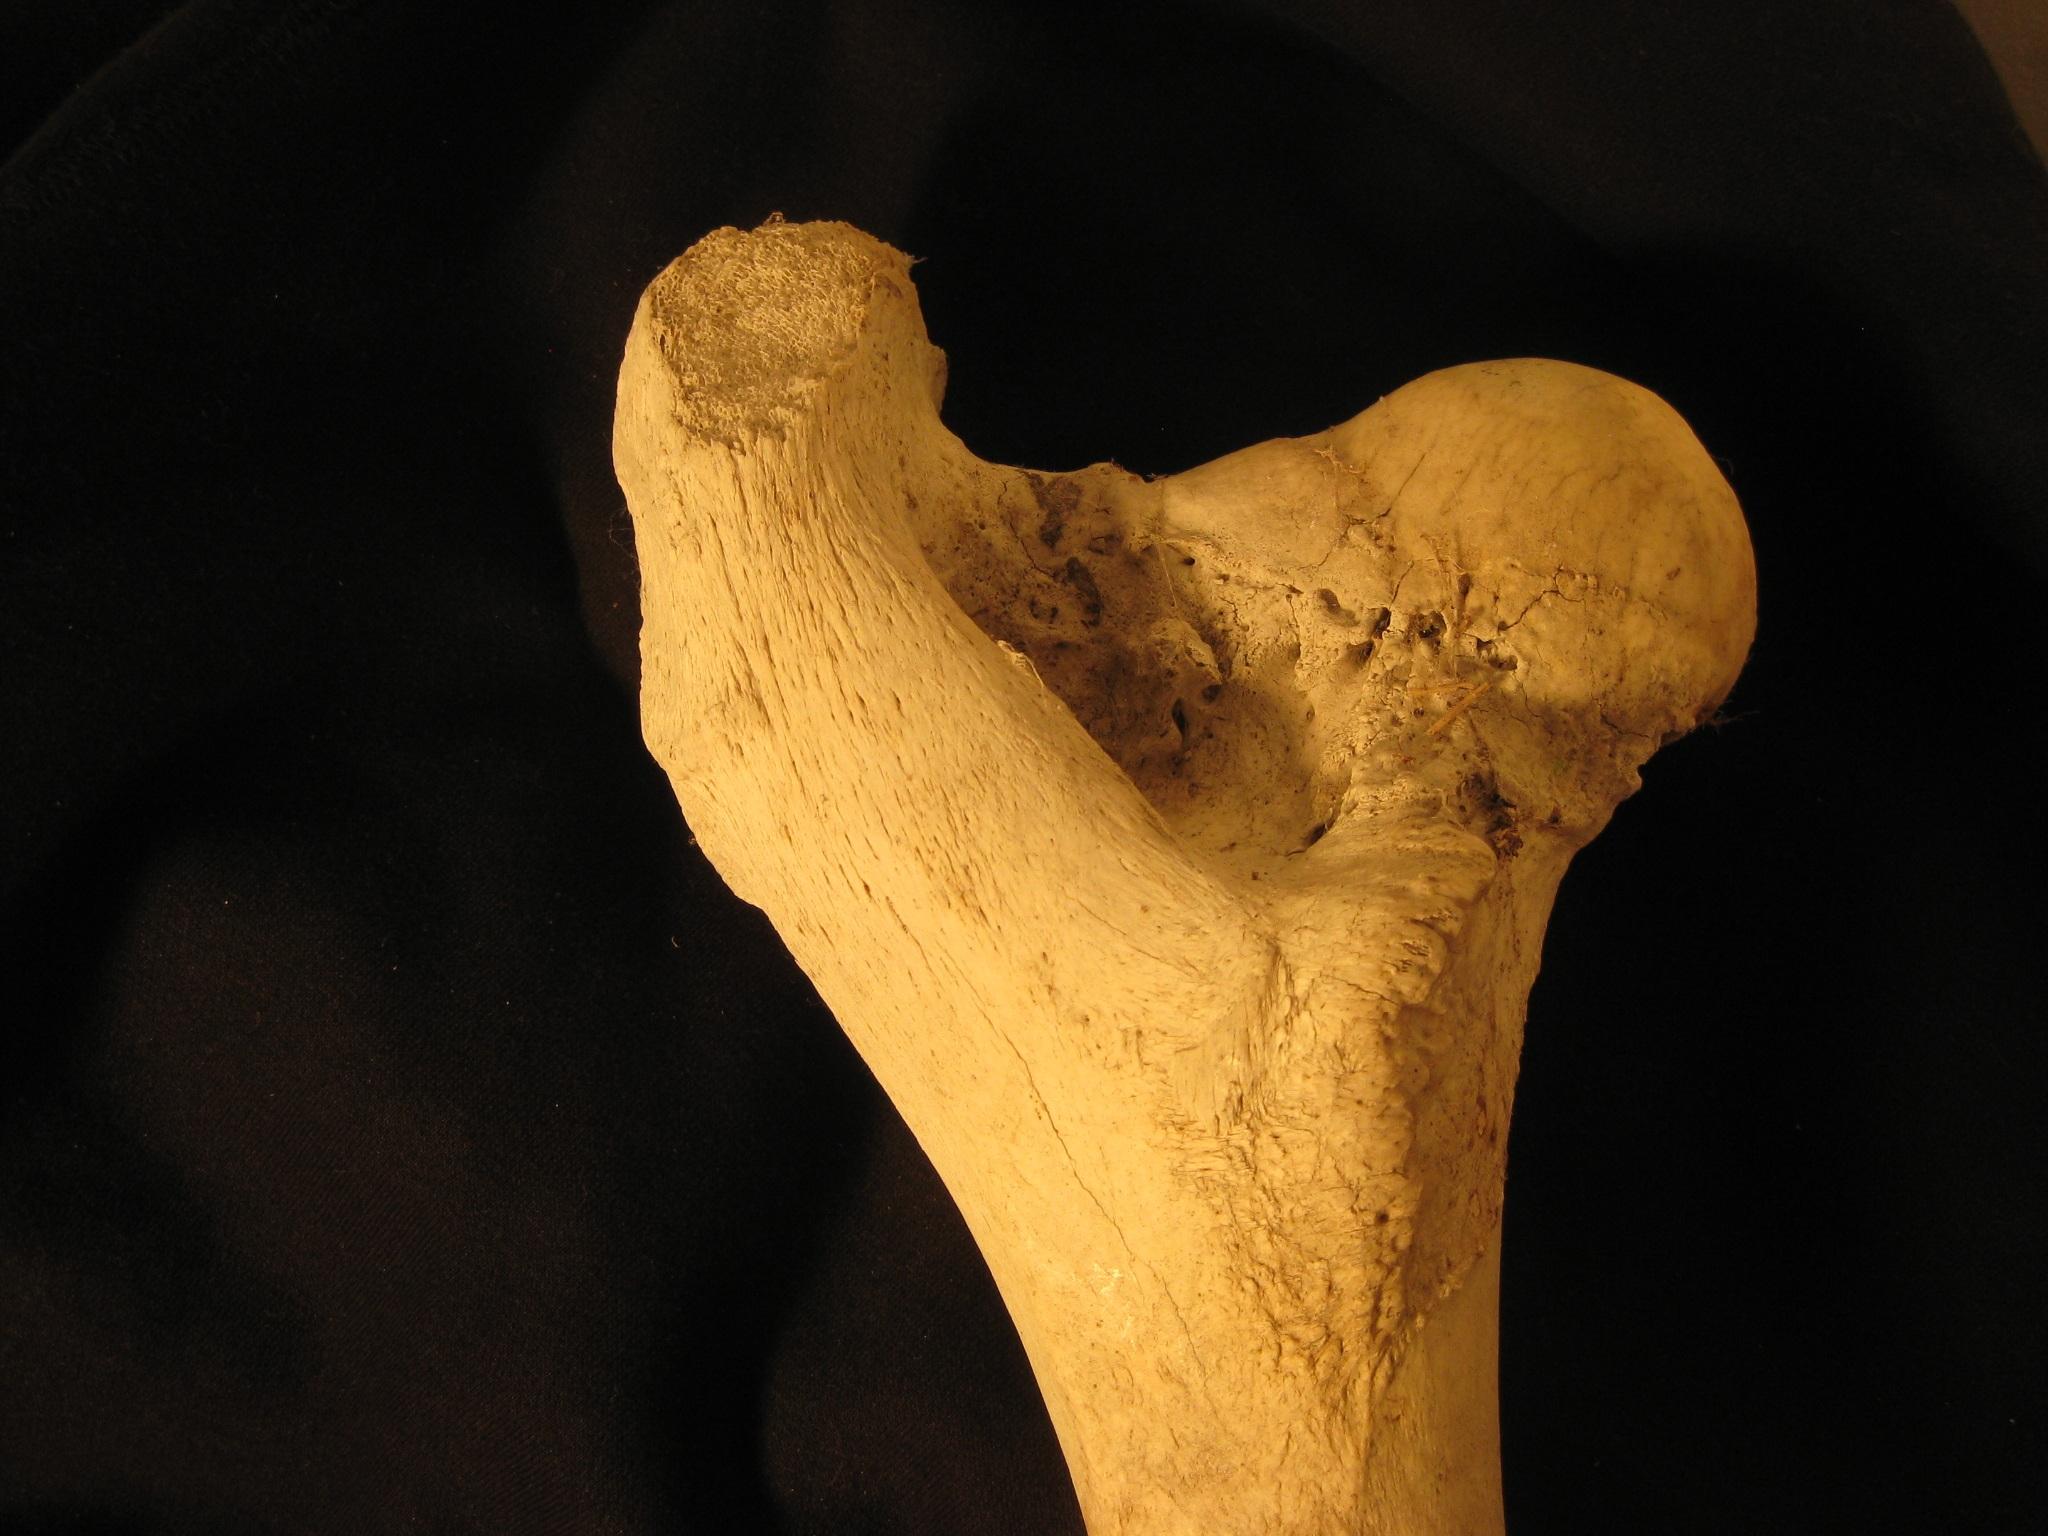 Fotos gratis : mano, madera, hoja, pierna, biología, cráneo, bovino ...